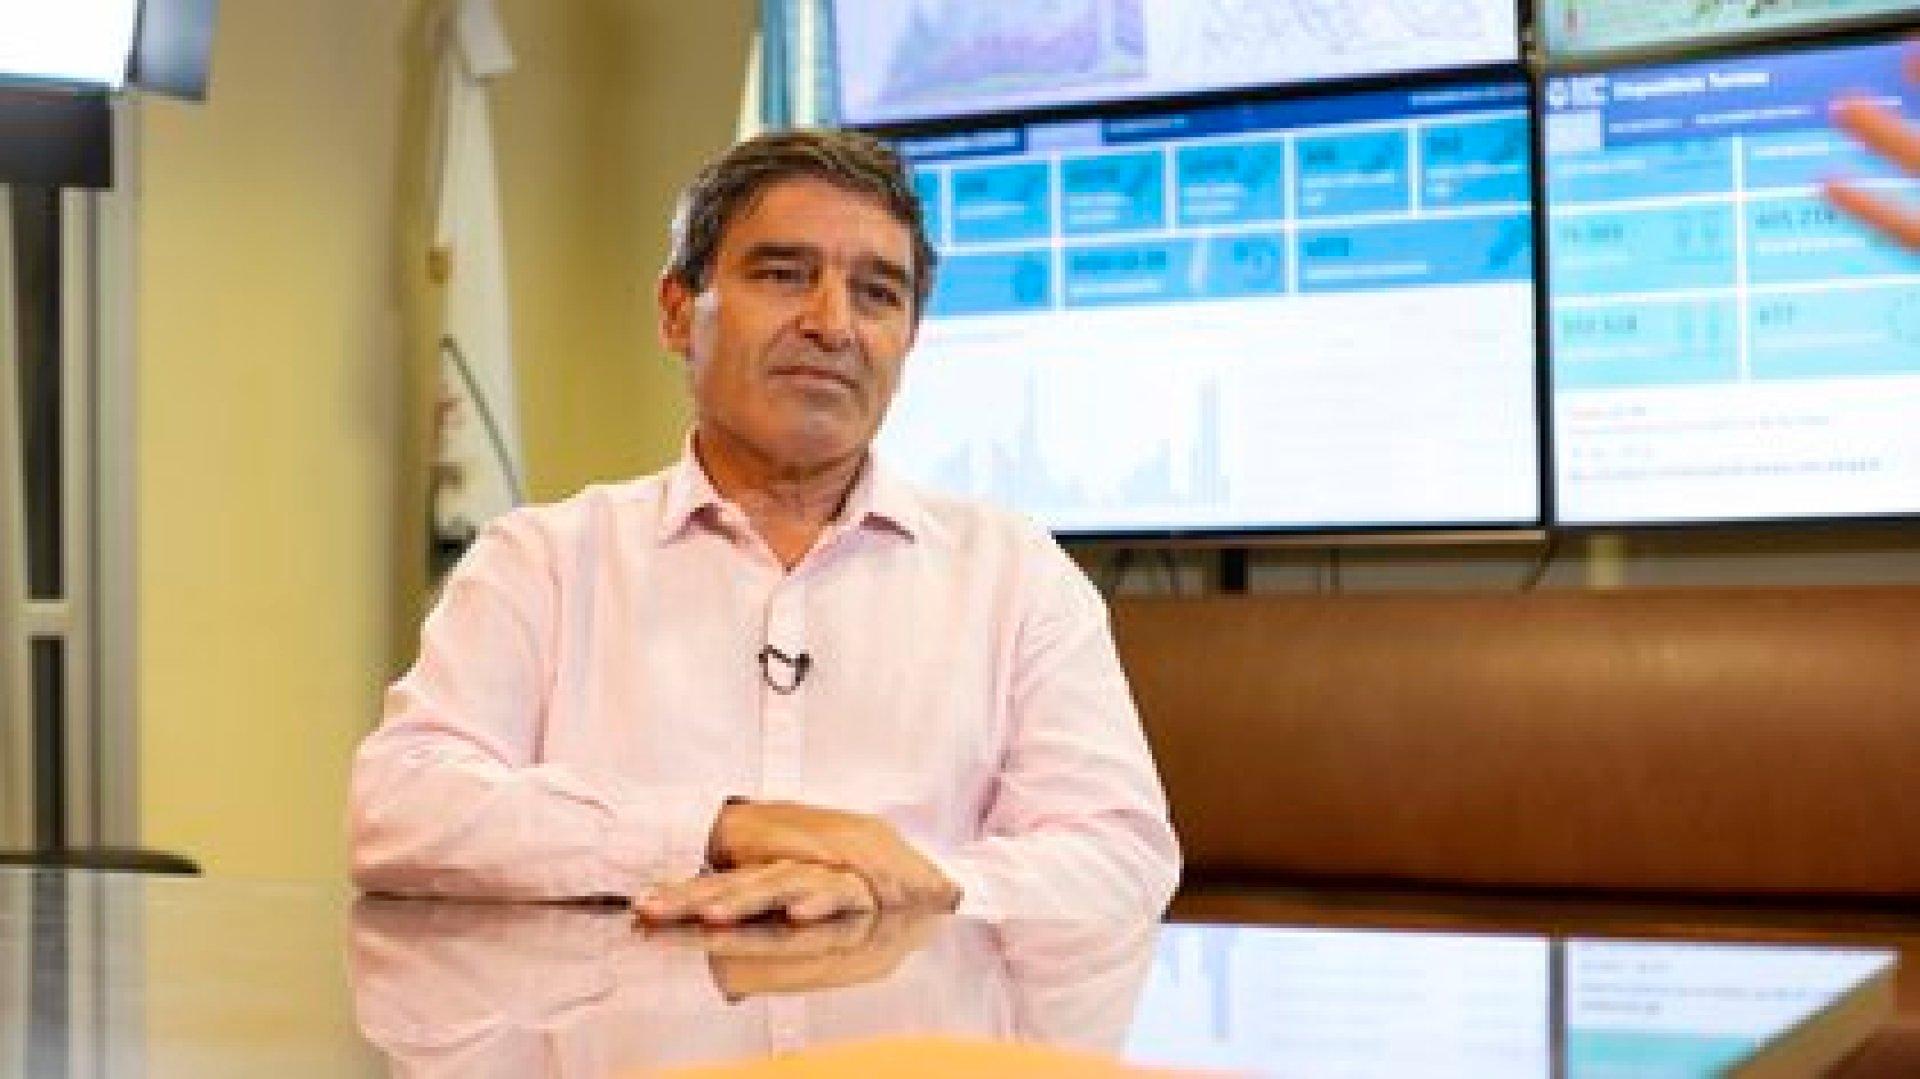 El ministro de Salud porteño dejó en claro que si los contagios no ceden, el Gobierno deberá aplicar más medidas